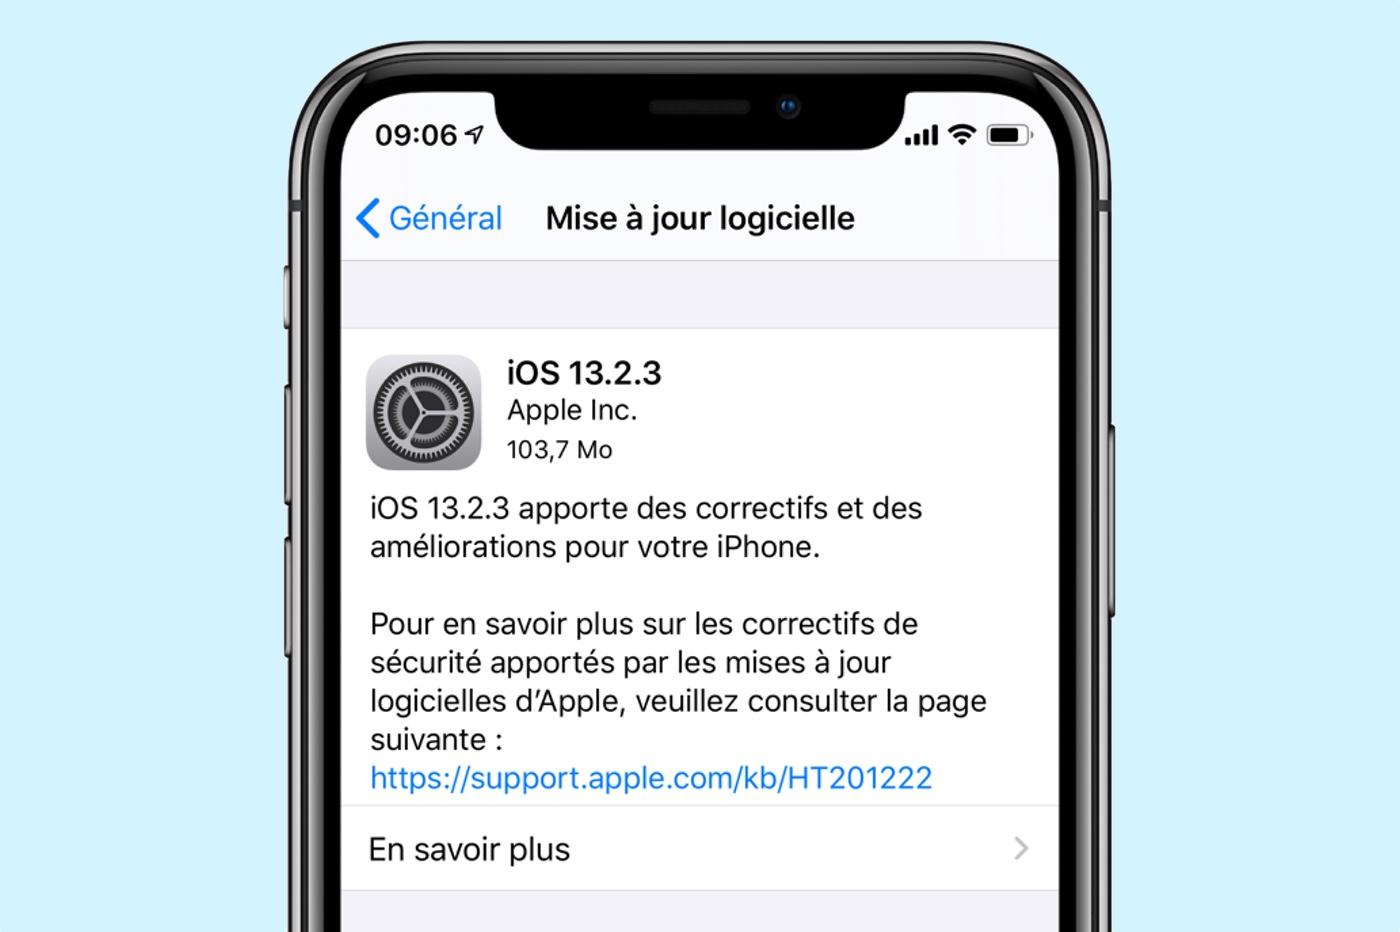 iOS 13.2.3 est dispo